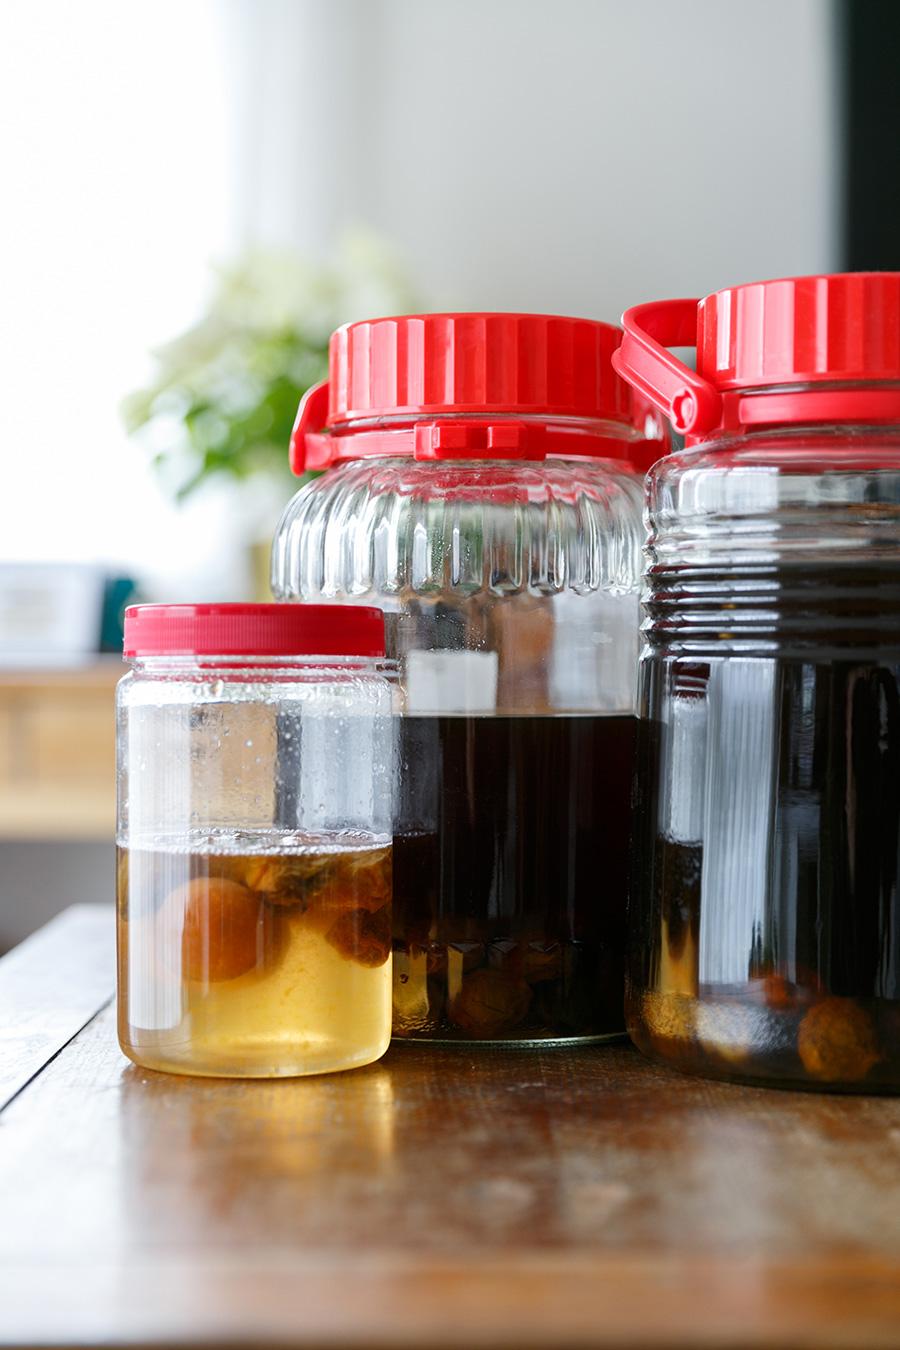 毎年浸けている梅酒は、ブランデーと黒砂糖を使うのがこだわりだそう。手前の小さいビンは、息子さんが修学旅行先でつくってきた梅ジュース。